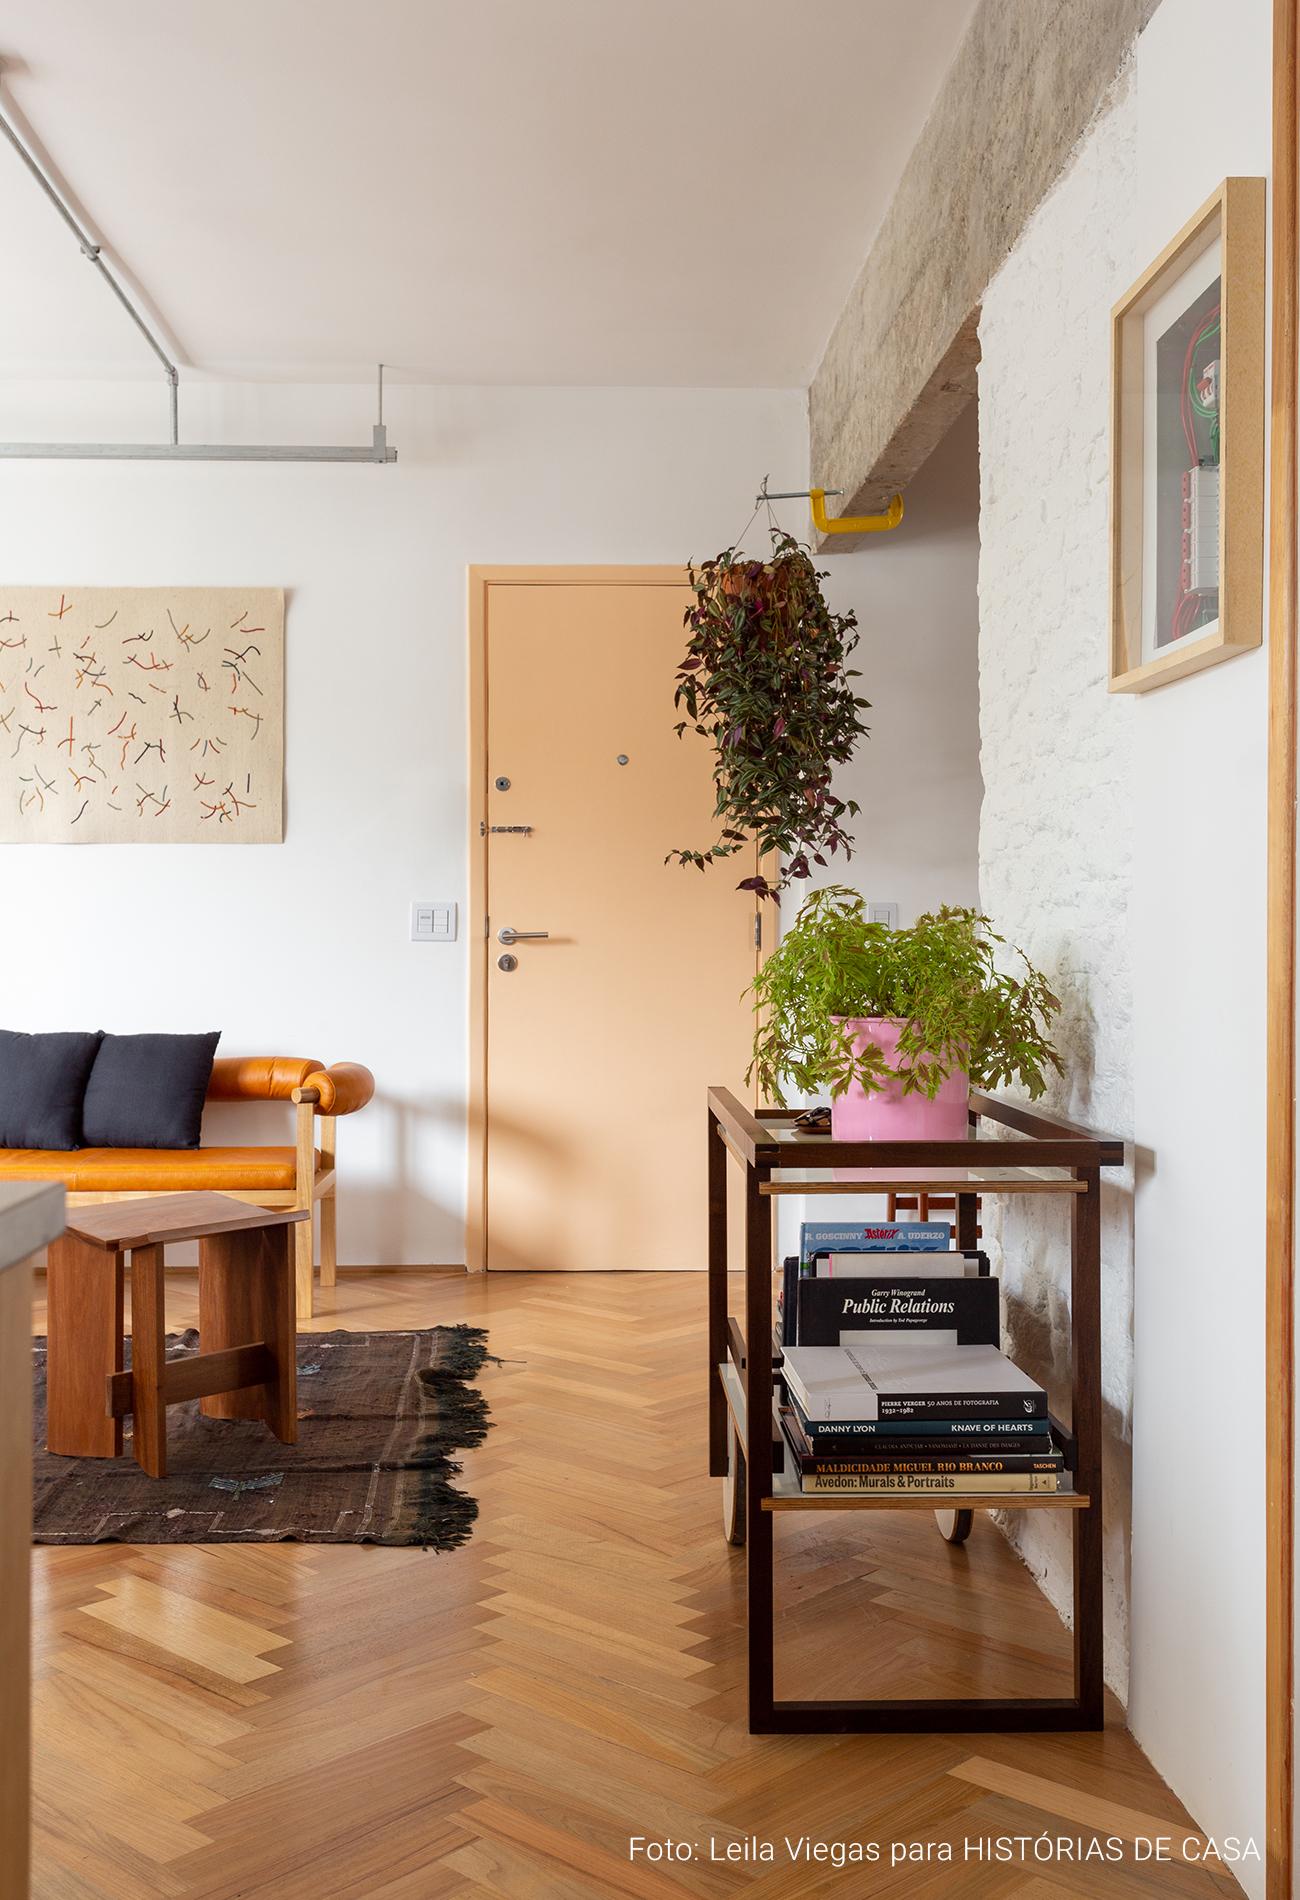 Apartamento rmodernista reformado em prédio antigo